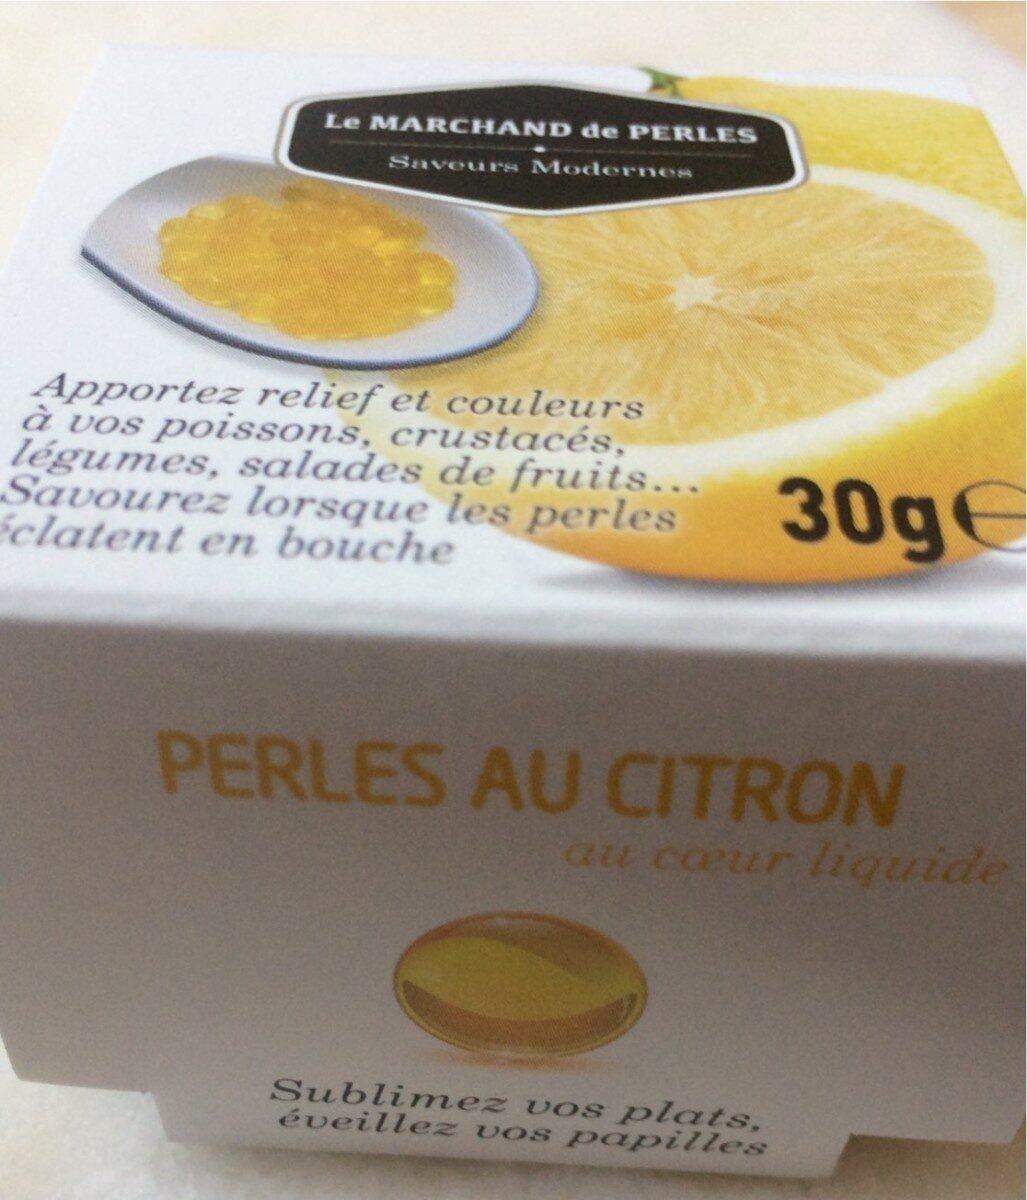 Perles au citron - Product - fr